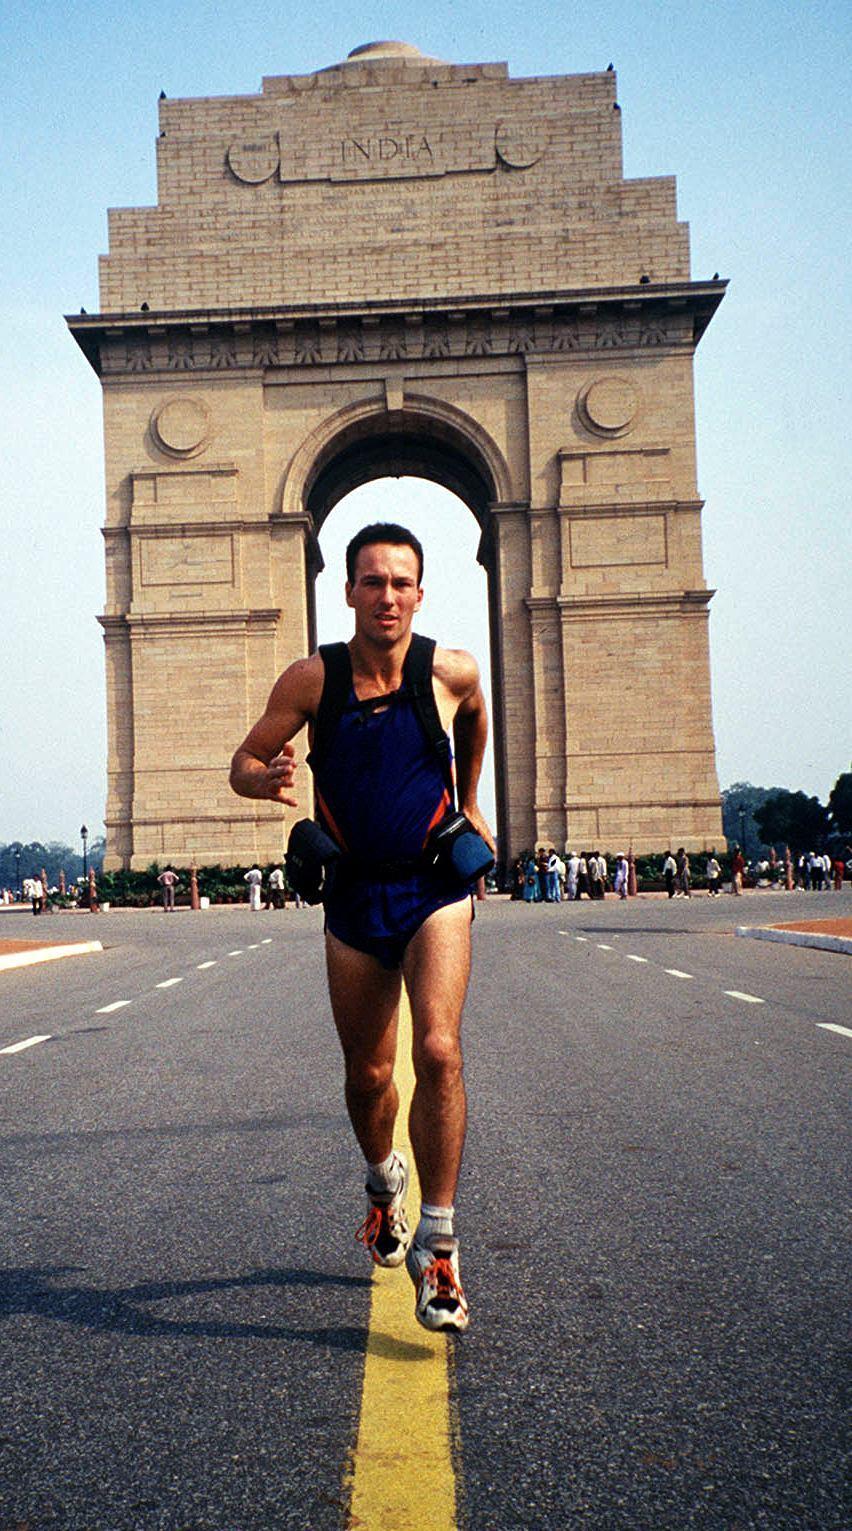 India_Gate_Monument_Start.jpg